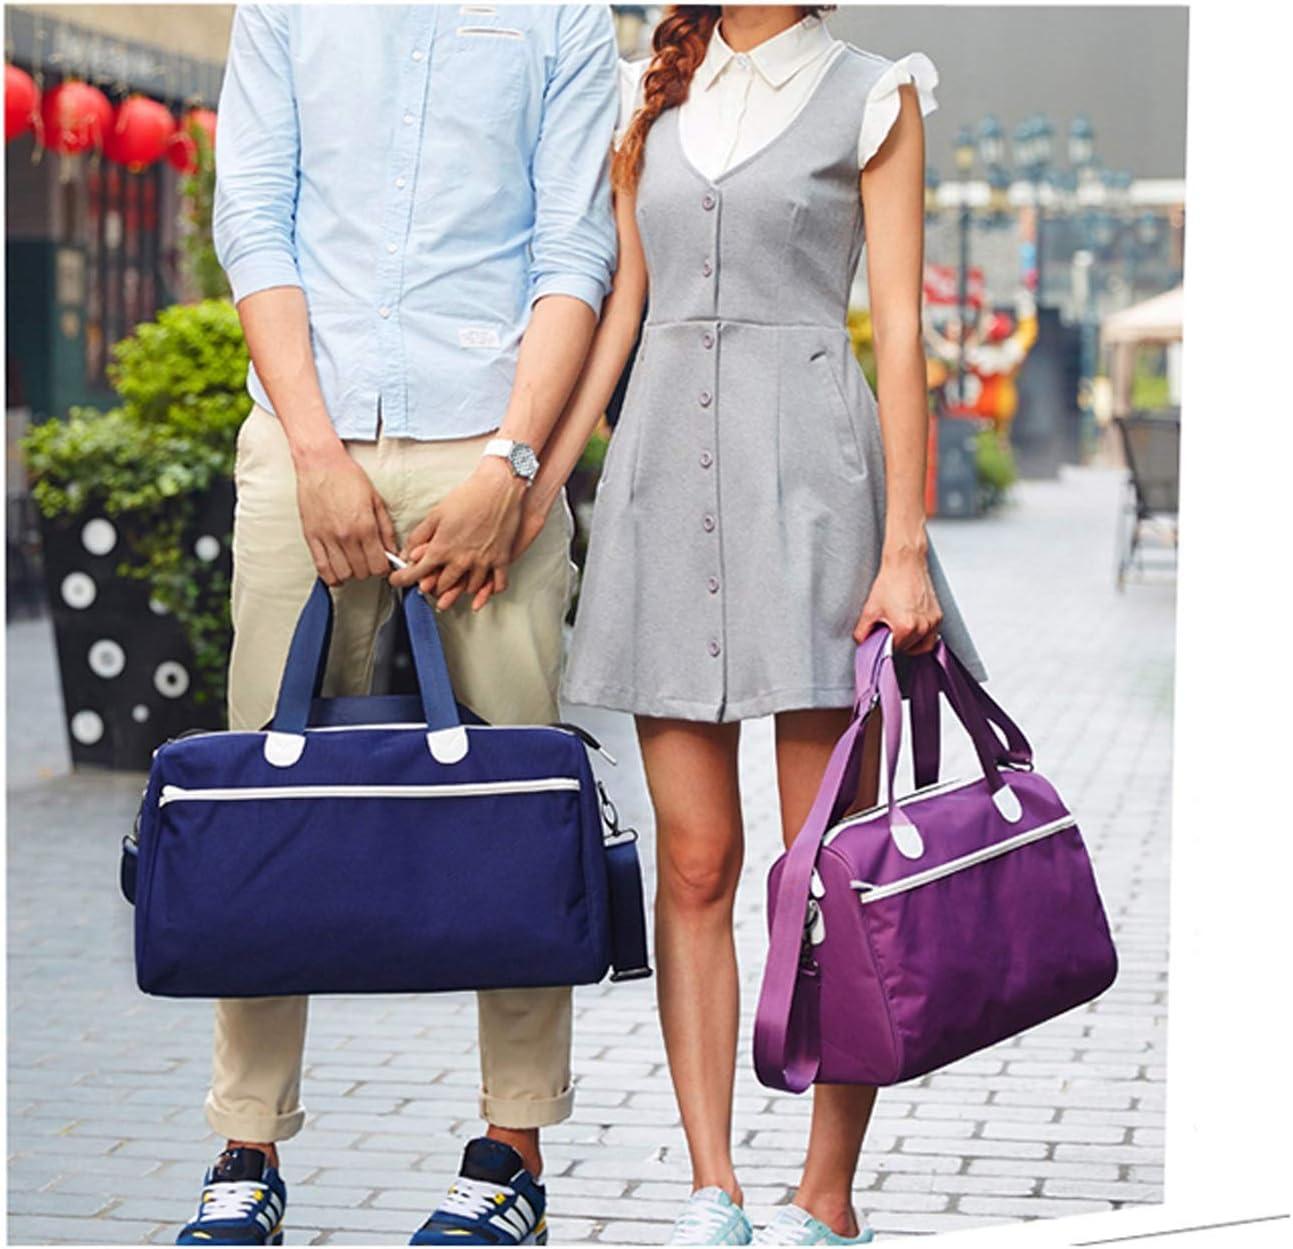 Nosterappou Casual Men and Women Business Travel Bags Business Travel Bags Short-Distance Travel Shoulder Bags Travel Bags Blue Color : Purple